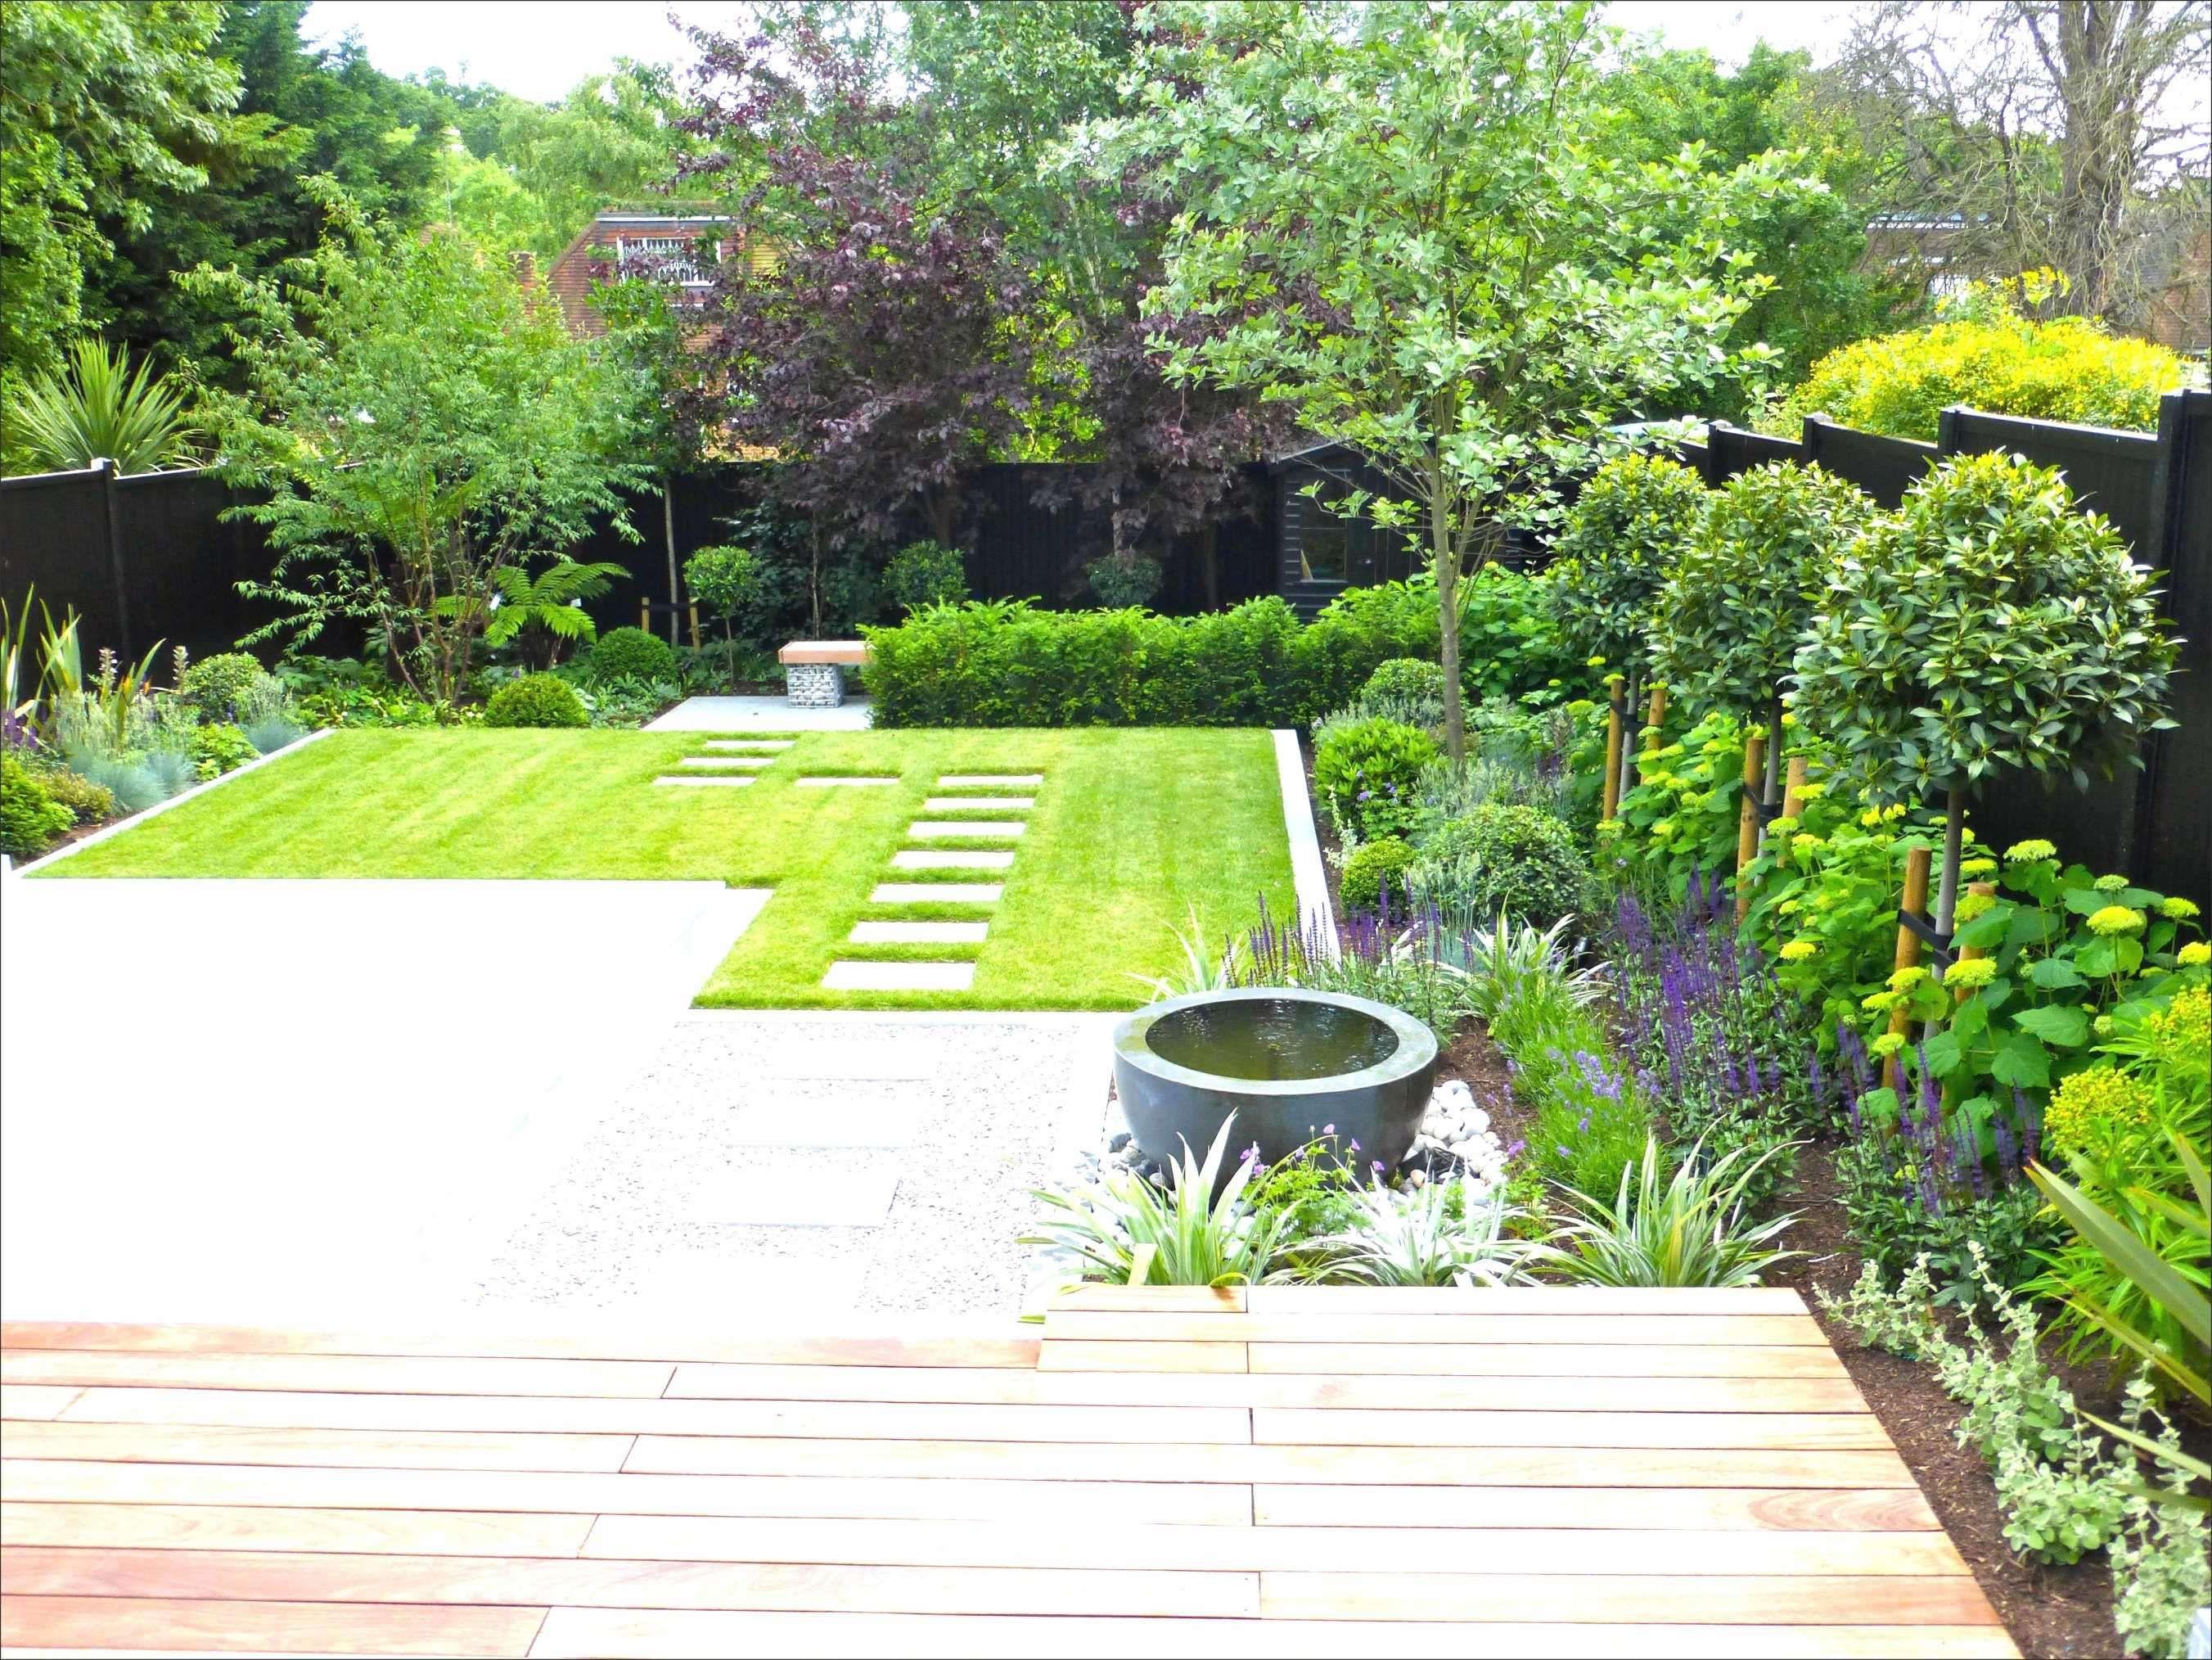 32 Luxus Vorgarten Pflegeleicht Gestalten Garten Landschaftsbau Grosser Garten Garten Anlegen